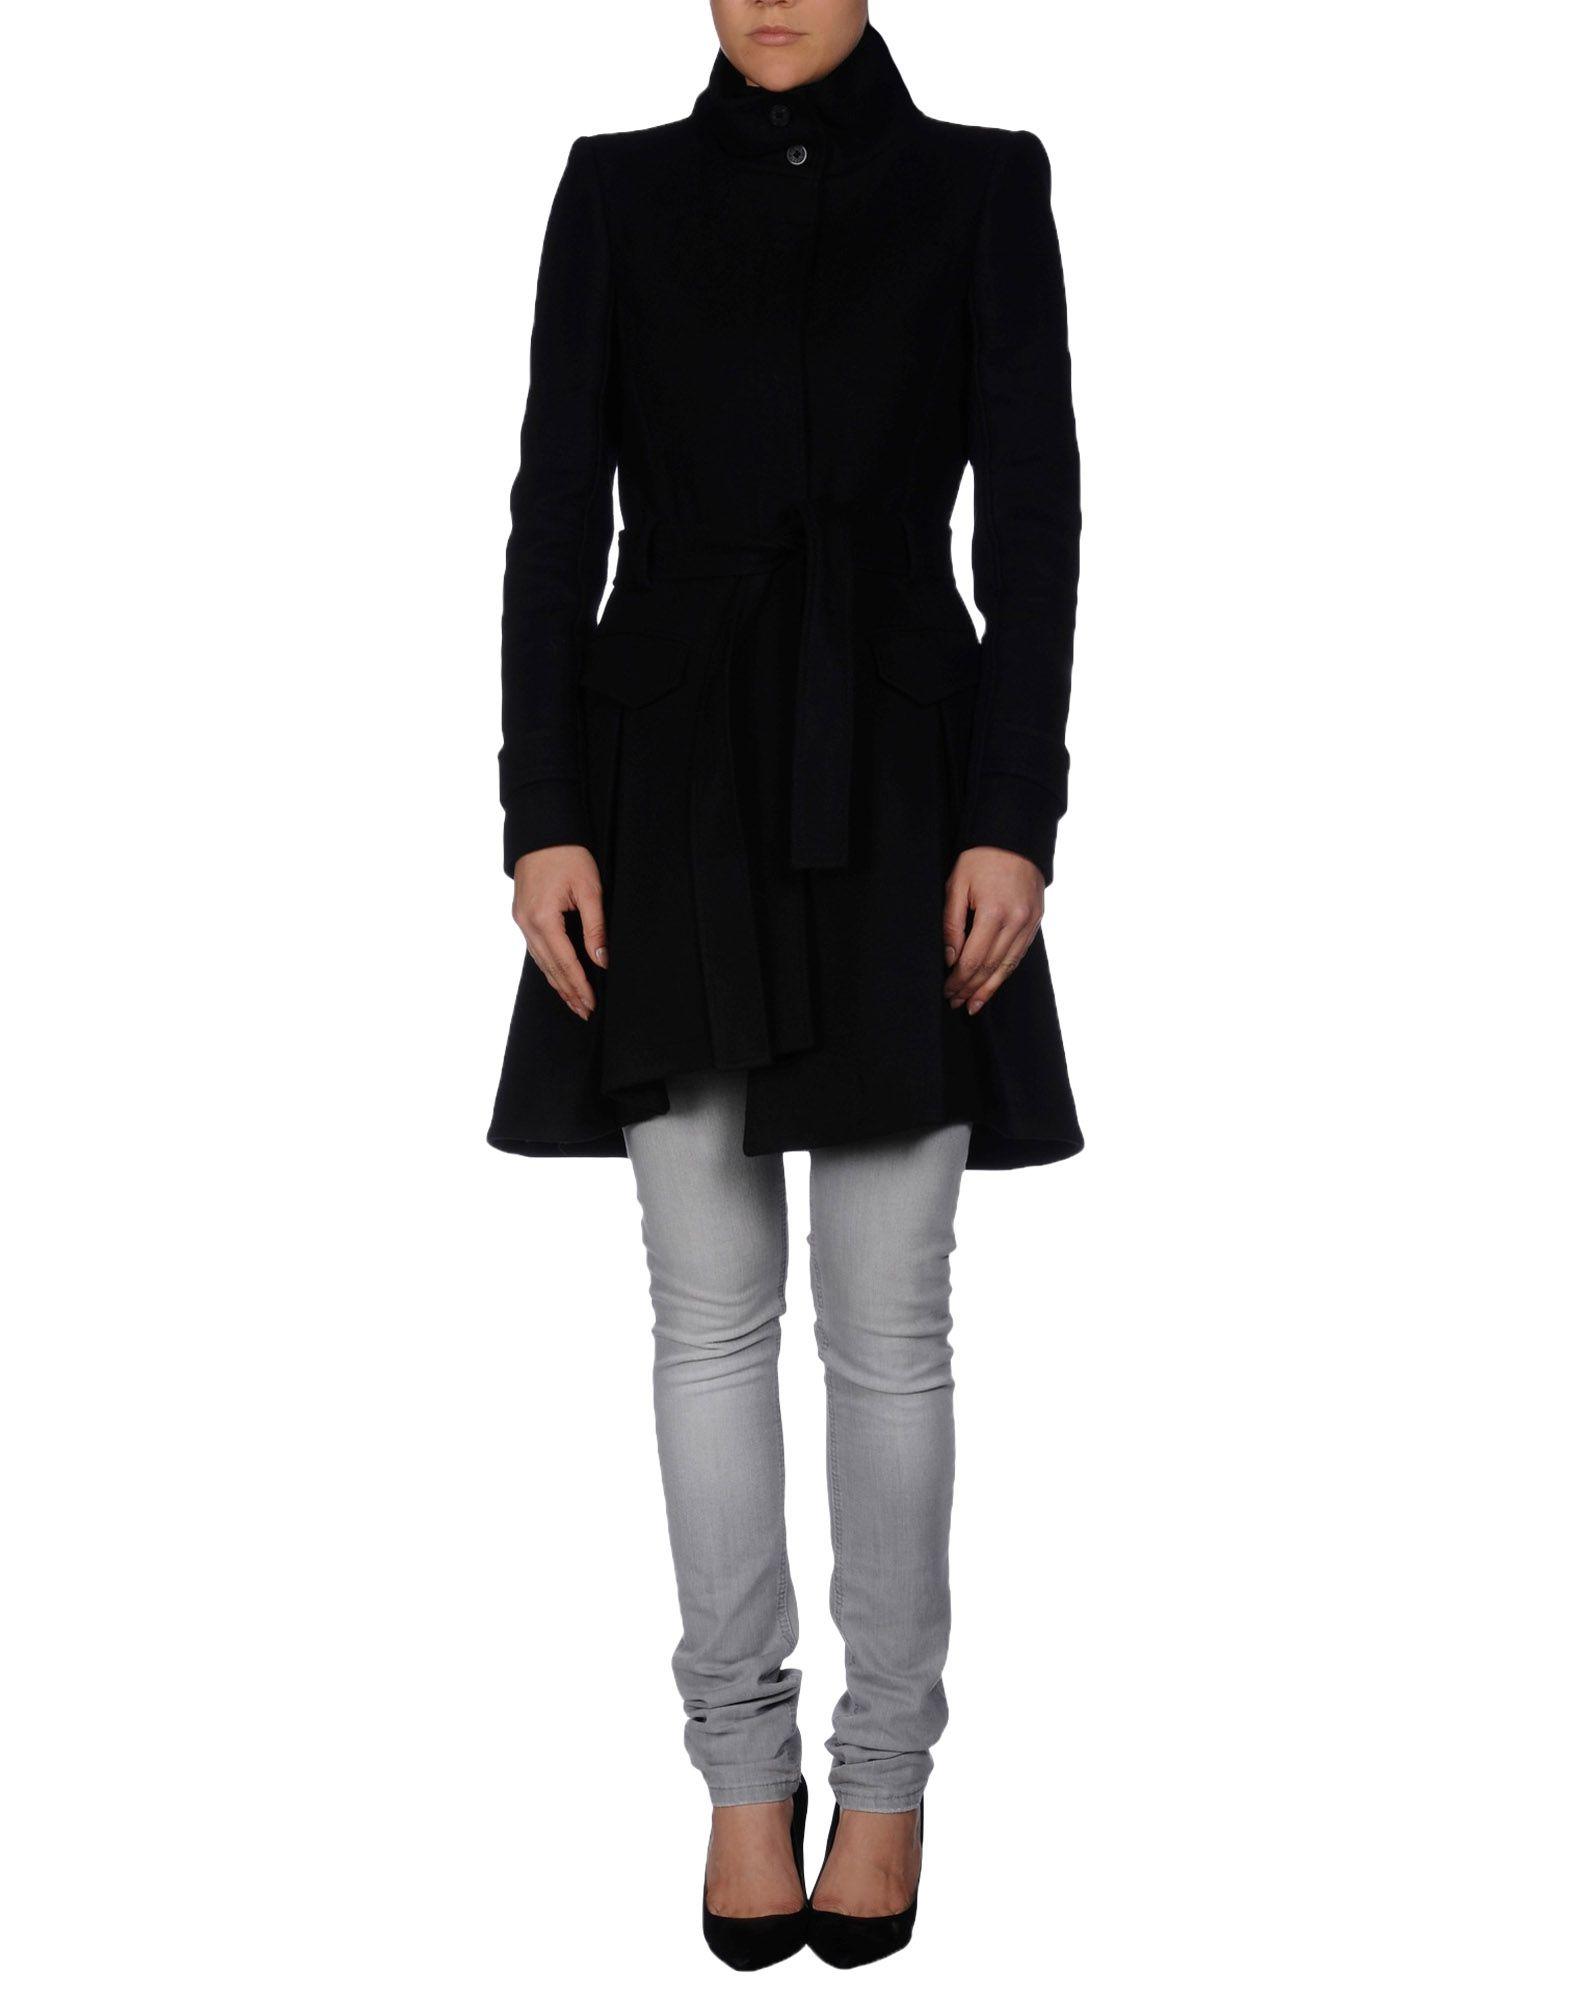 Patrizia Pepe Coat In Black Lyst